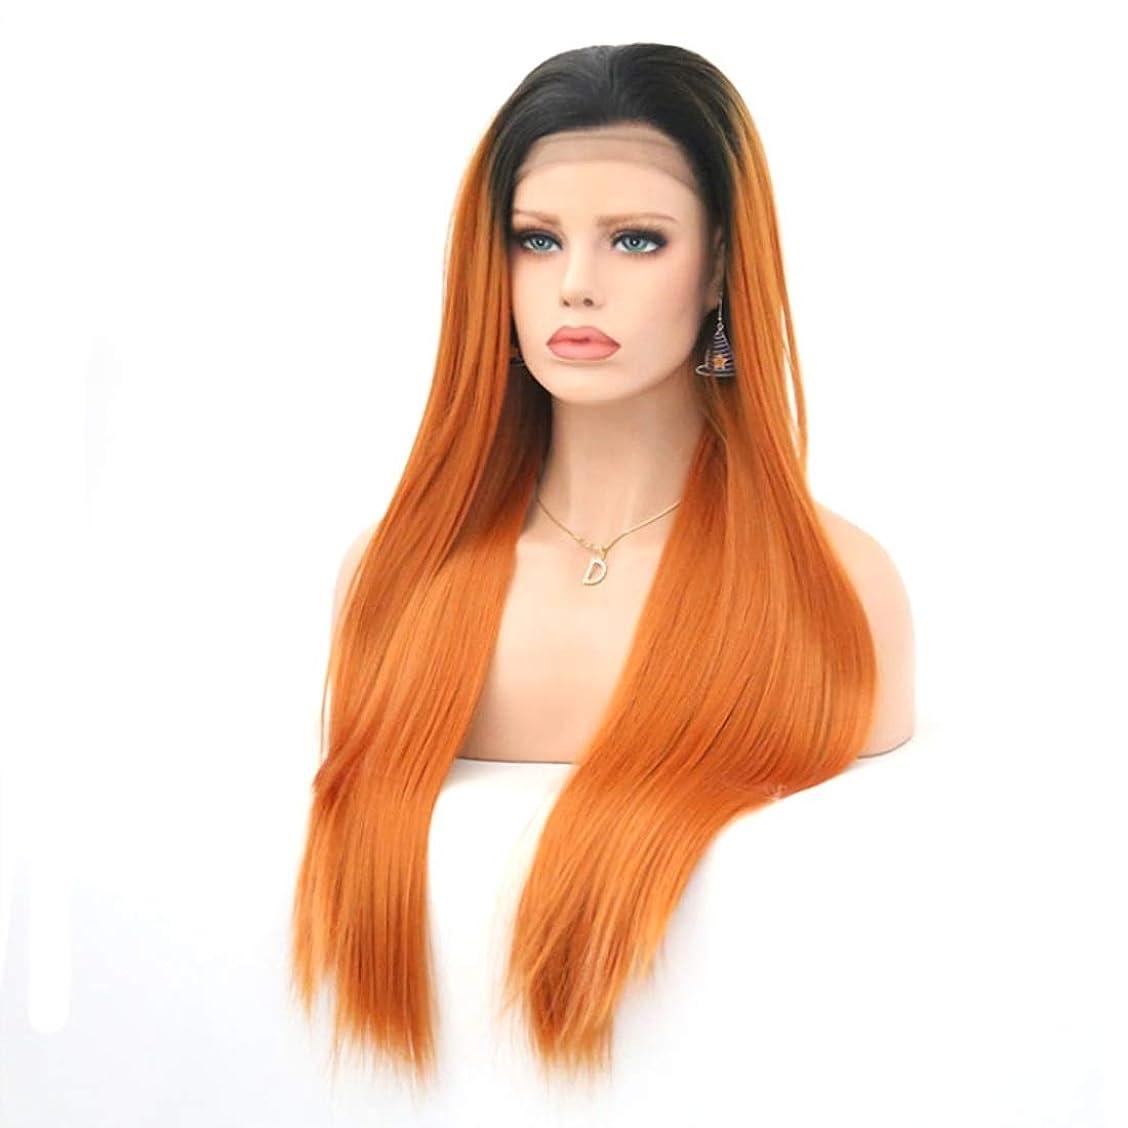 ぐるぐる若さおしゃれじゃないSummerys 女性のためのグラデーションオレンジロングストレートウィッグケミカルファイバーフロントレースウィッグ